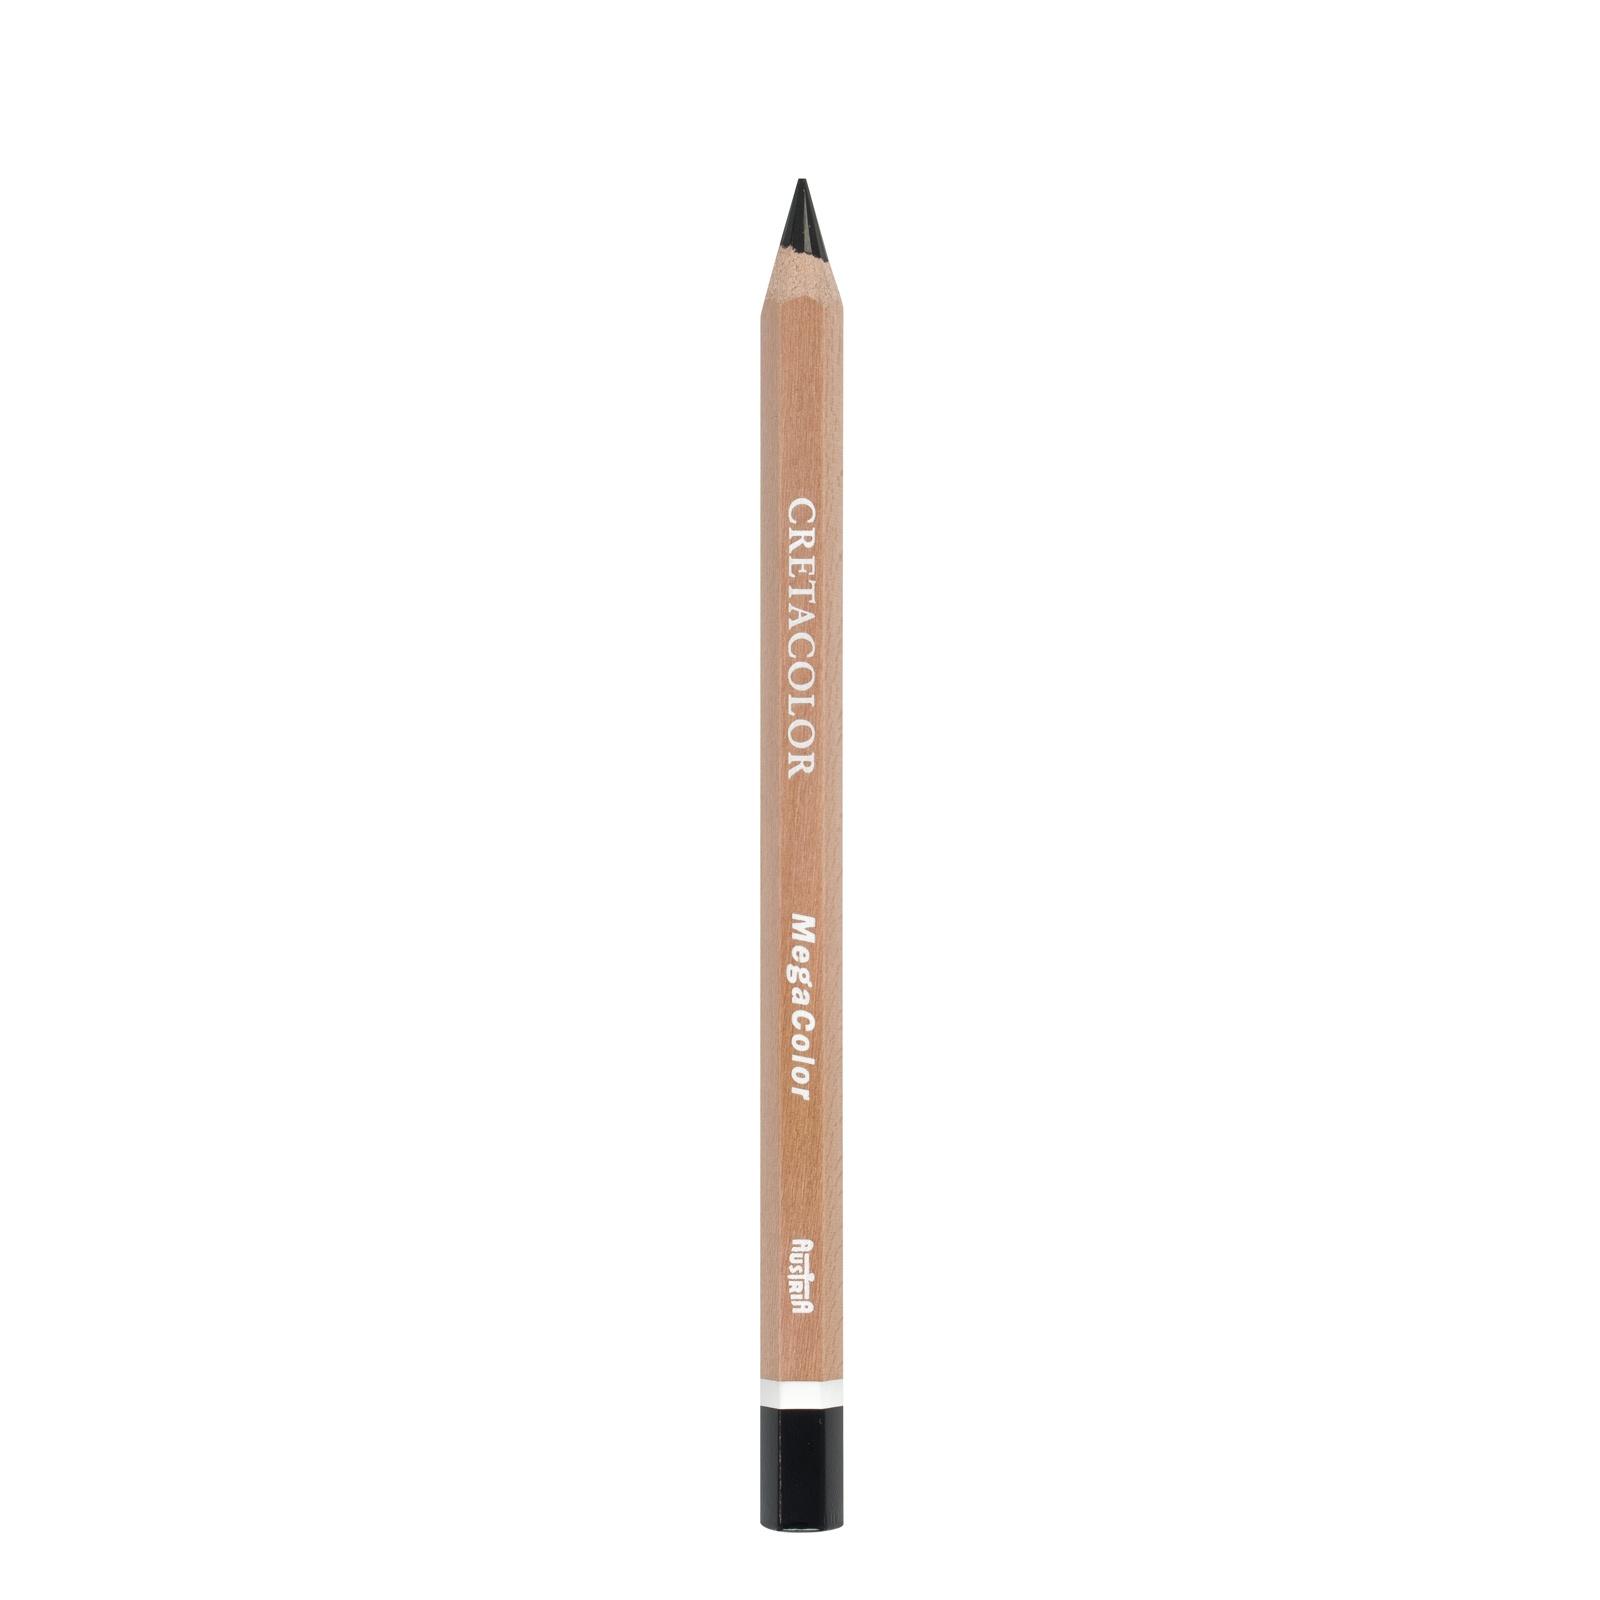 MegaColor Colored Pencils